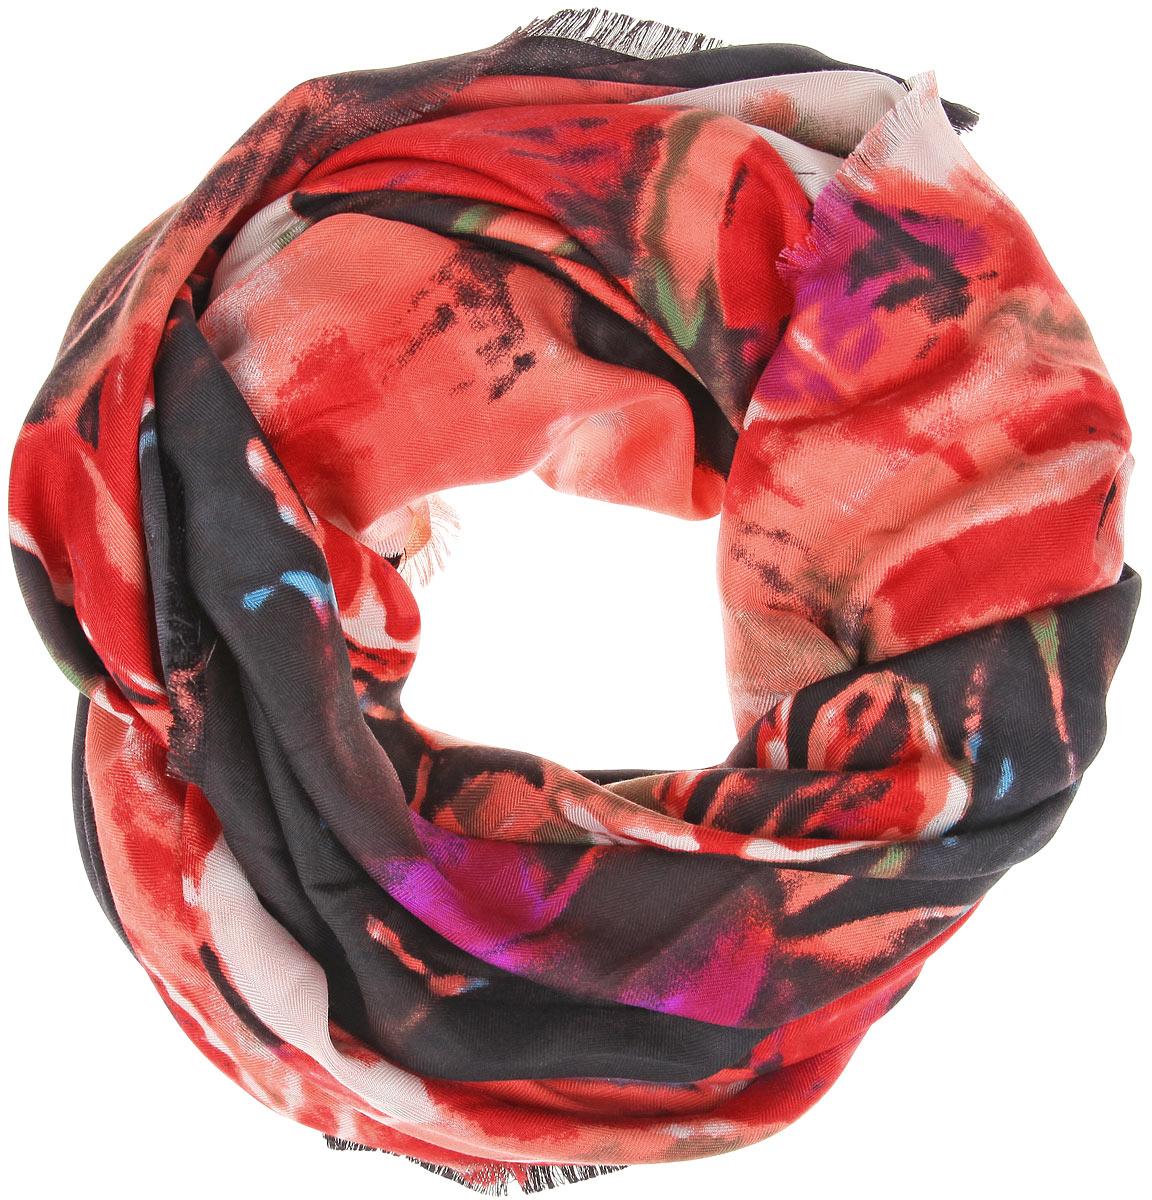 ПлатокBH-11526-13Великолепный платок Fiona Fantozzi станет изысканным аксессуаром, который подчеркнет ваши индивидуальность и очарование. Платок изготовлен из модала с добавлением кашемира и оформлен эффектным цветочным узором. Края модели украшены короткой бахромой. Платок Fiona Fantozzi станет вашим верным спутником, а окружающие обязательно будут обращать свое восторженное внимание на вас.